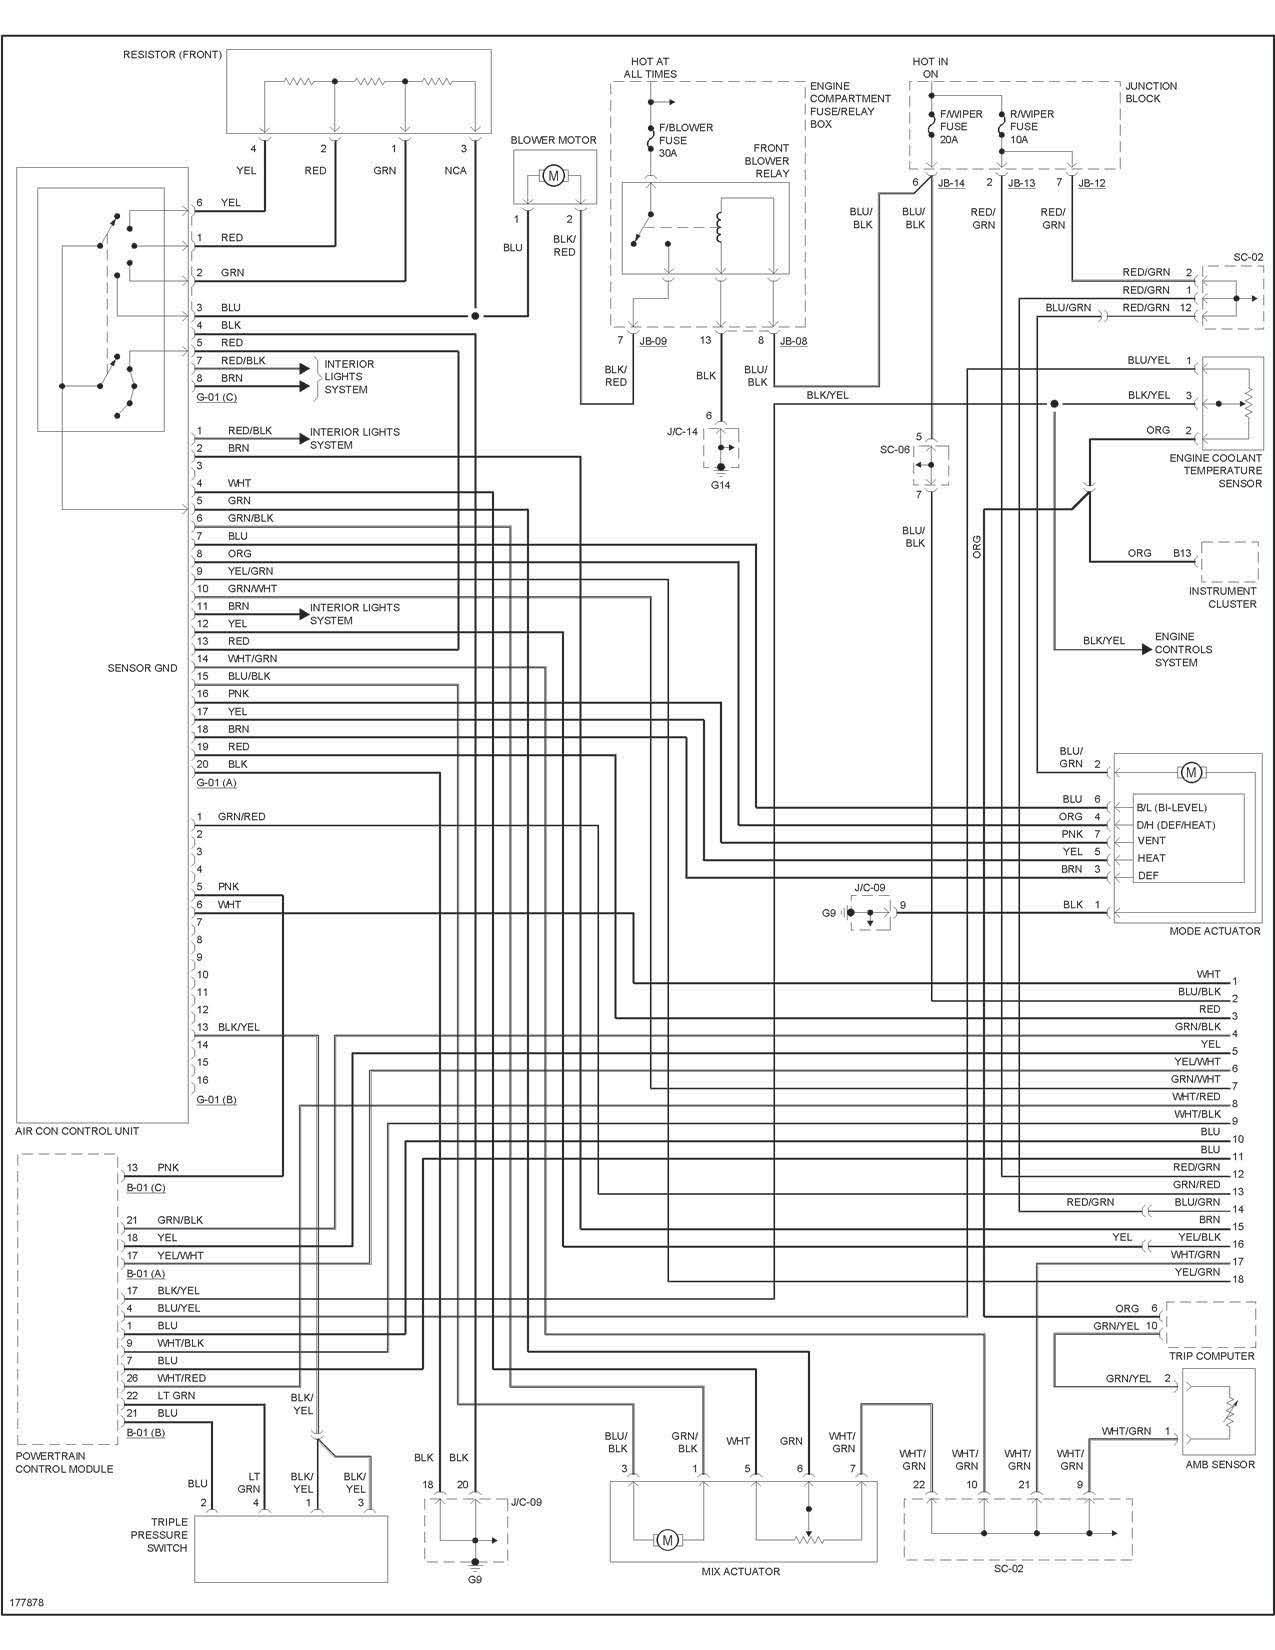 2005 Kia sorento Engine Diagram Nissan Frontier Wiring Diagram 100 Petaluma Murano Kia sorento